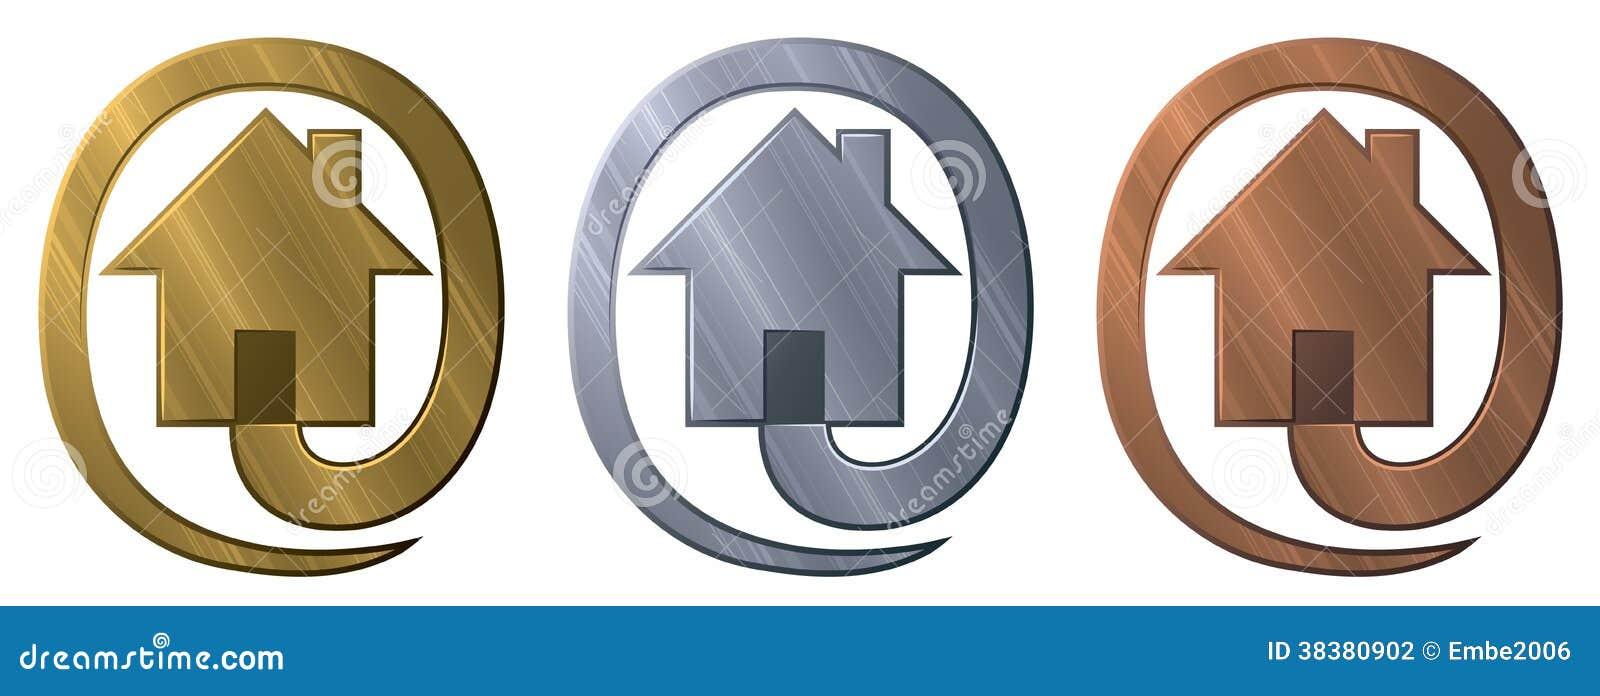 Bezpiecznego Domu logo